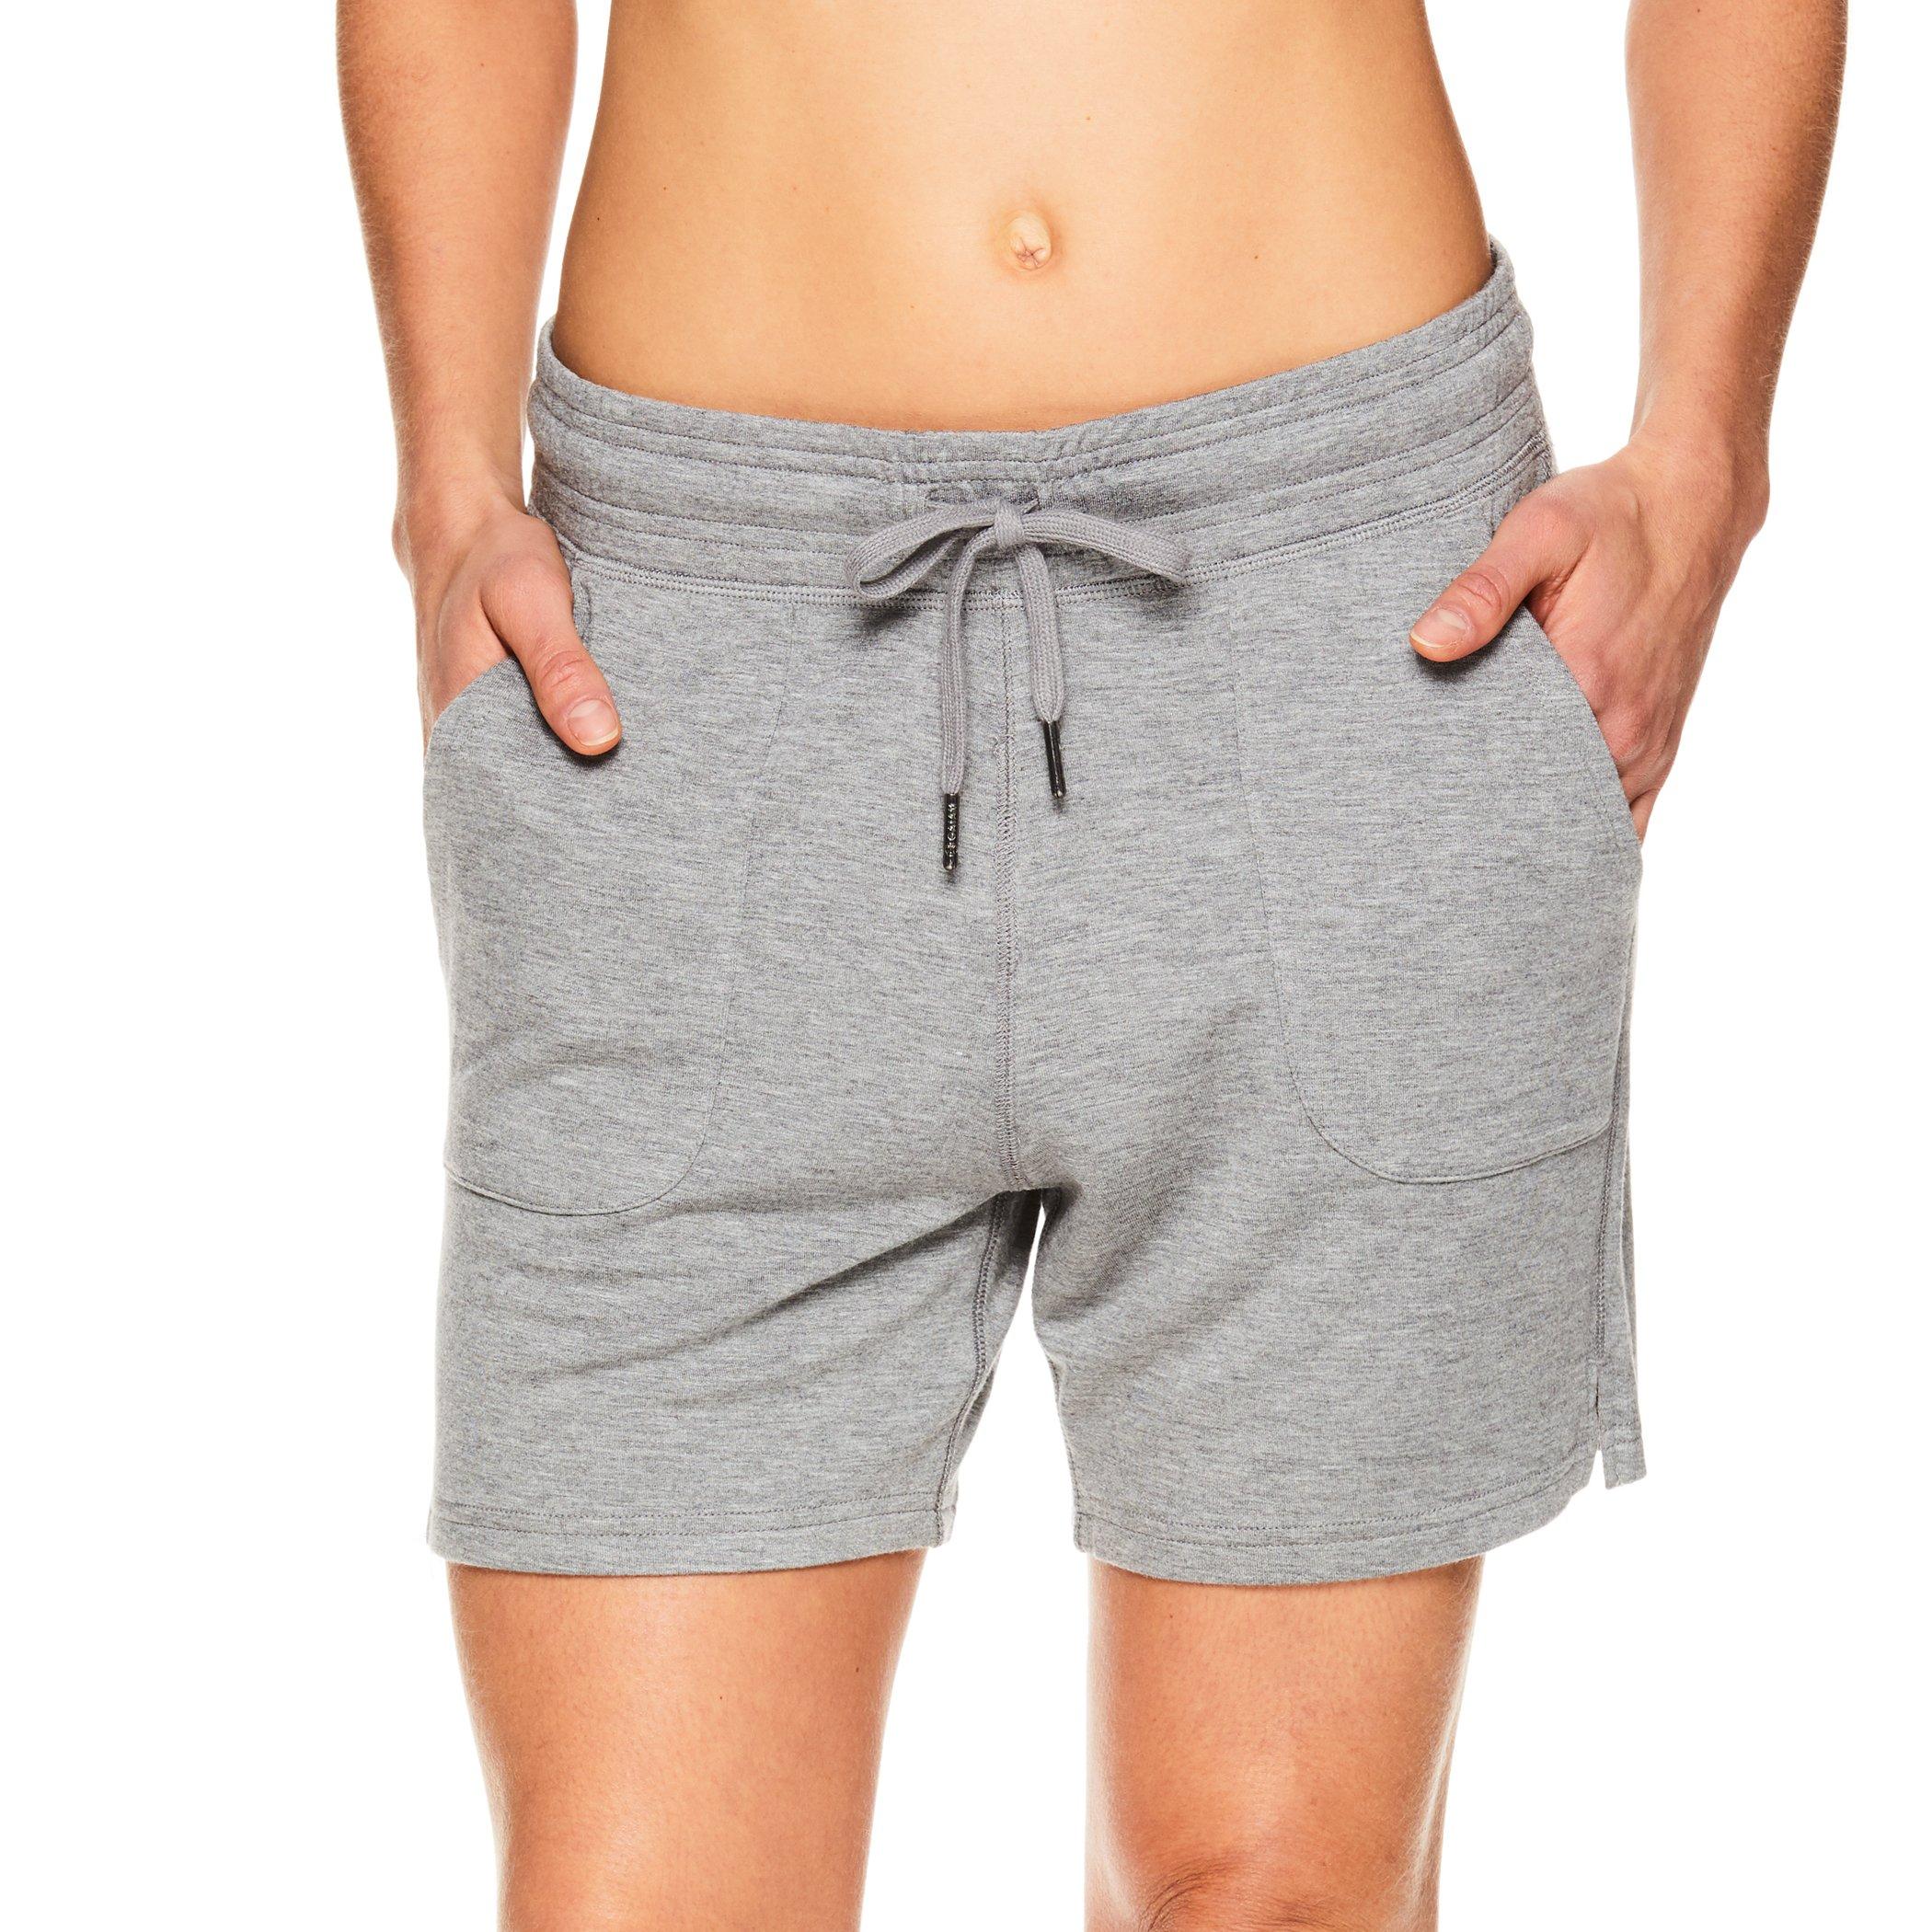 Gaiam Women's Warrior Yoga Short - Bike & Running Activewear Shorts w/Pockets - Flint Grey Heather, Medium by Gaiam